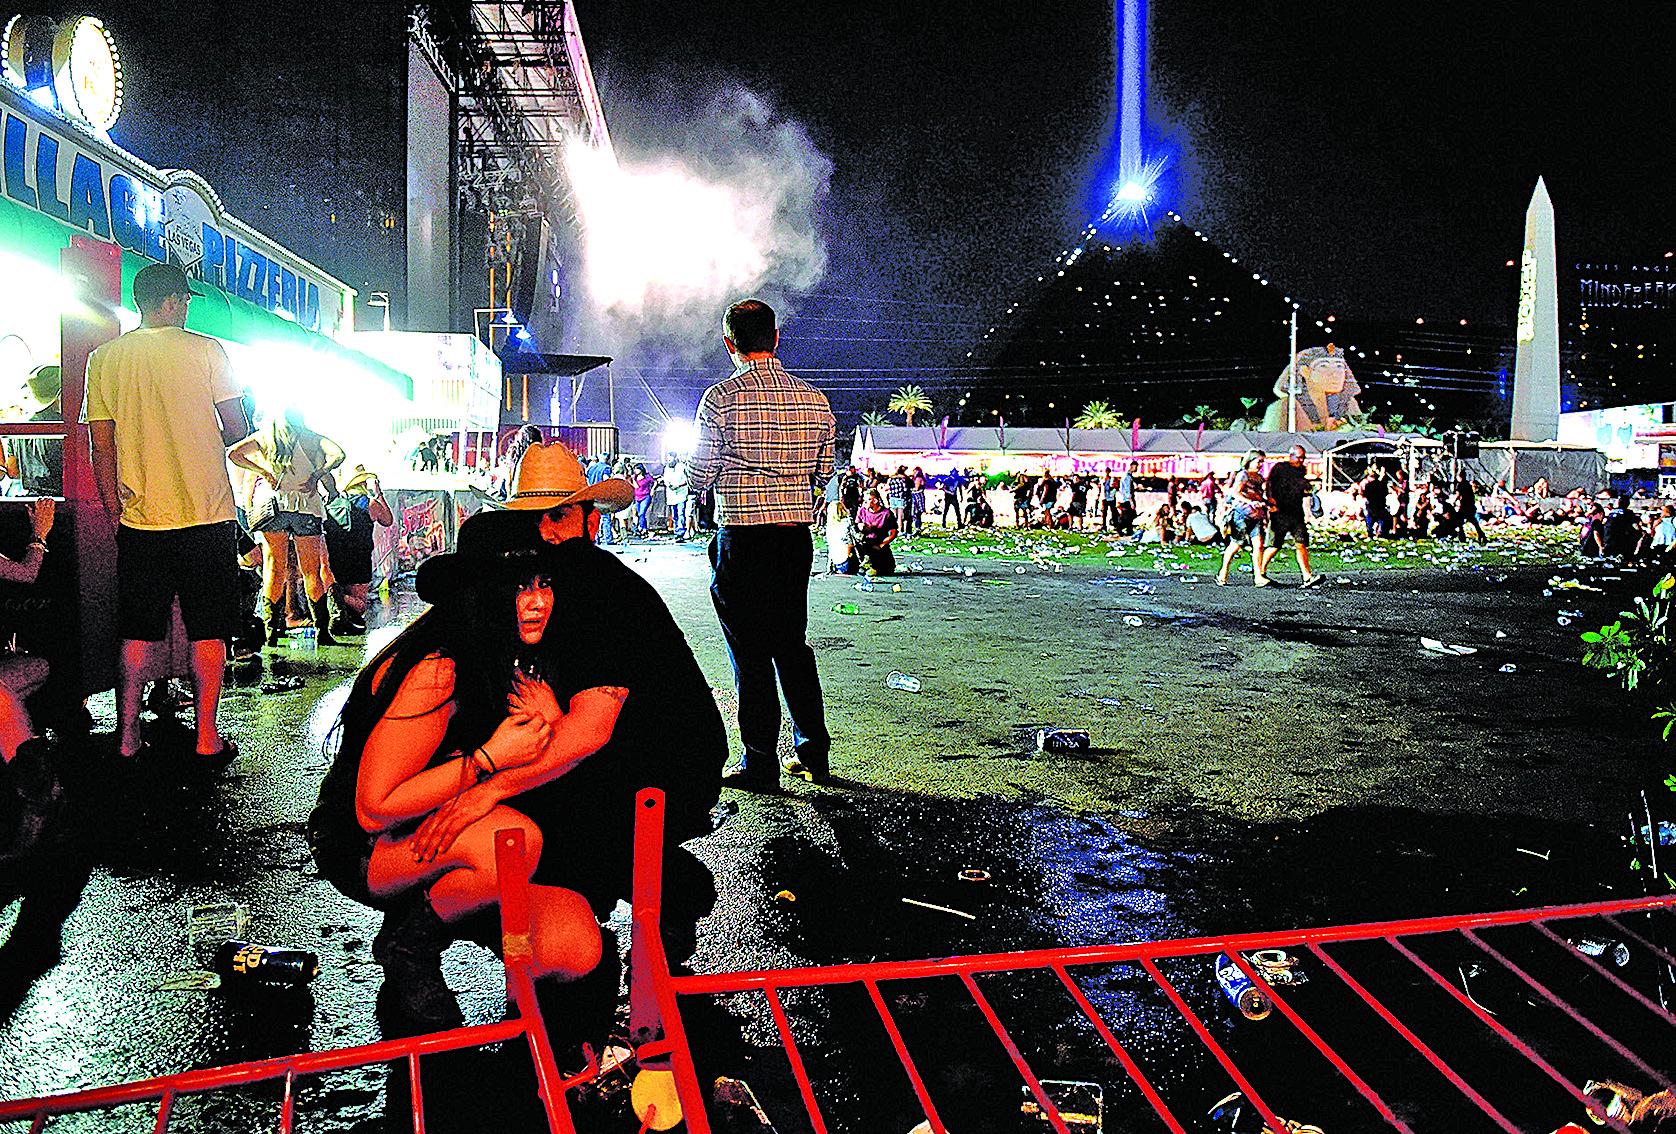 10月1日晚,美國拉斯維加斯發生國內近代史上最致命槍擊血案,危難之中,有人為自己的親人,甚至陌生人擋子彈,令人動容。(Getty Images)